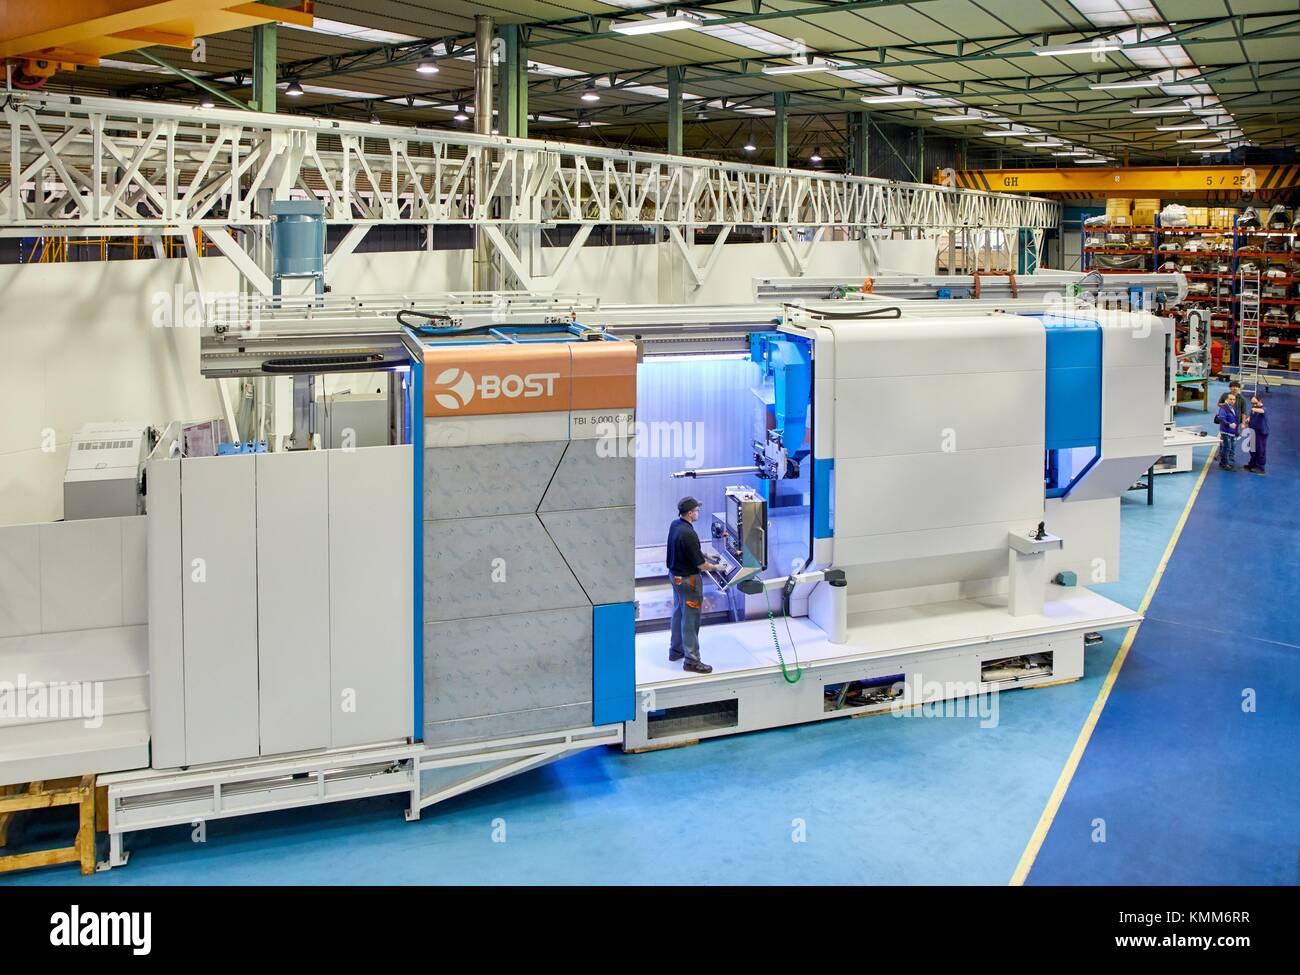 Bearbeitungszentrum. CNC. Horizontal Drehen und Fräsen Drehmaschine. Design, Herstellung und Montage von Werkzeugmaschinen. Stockbild